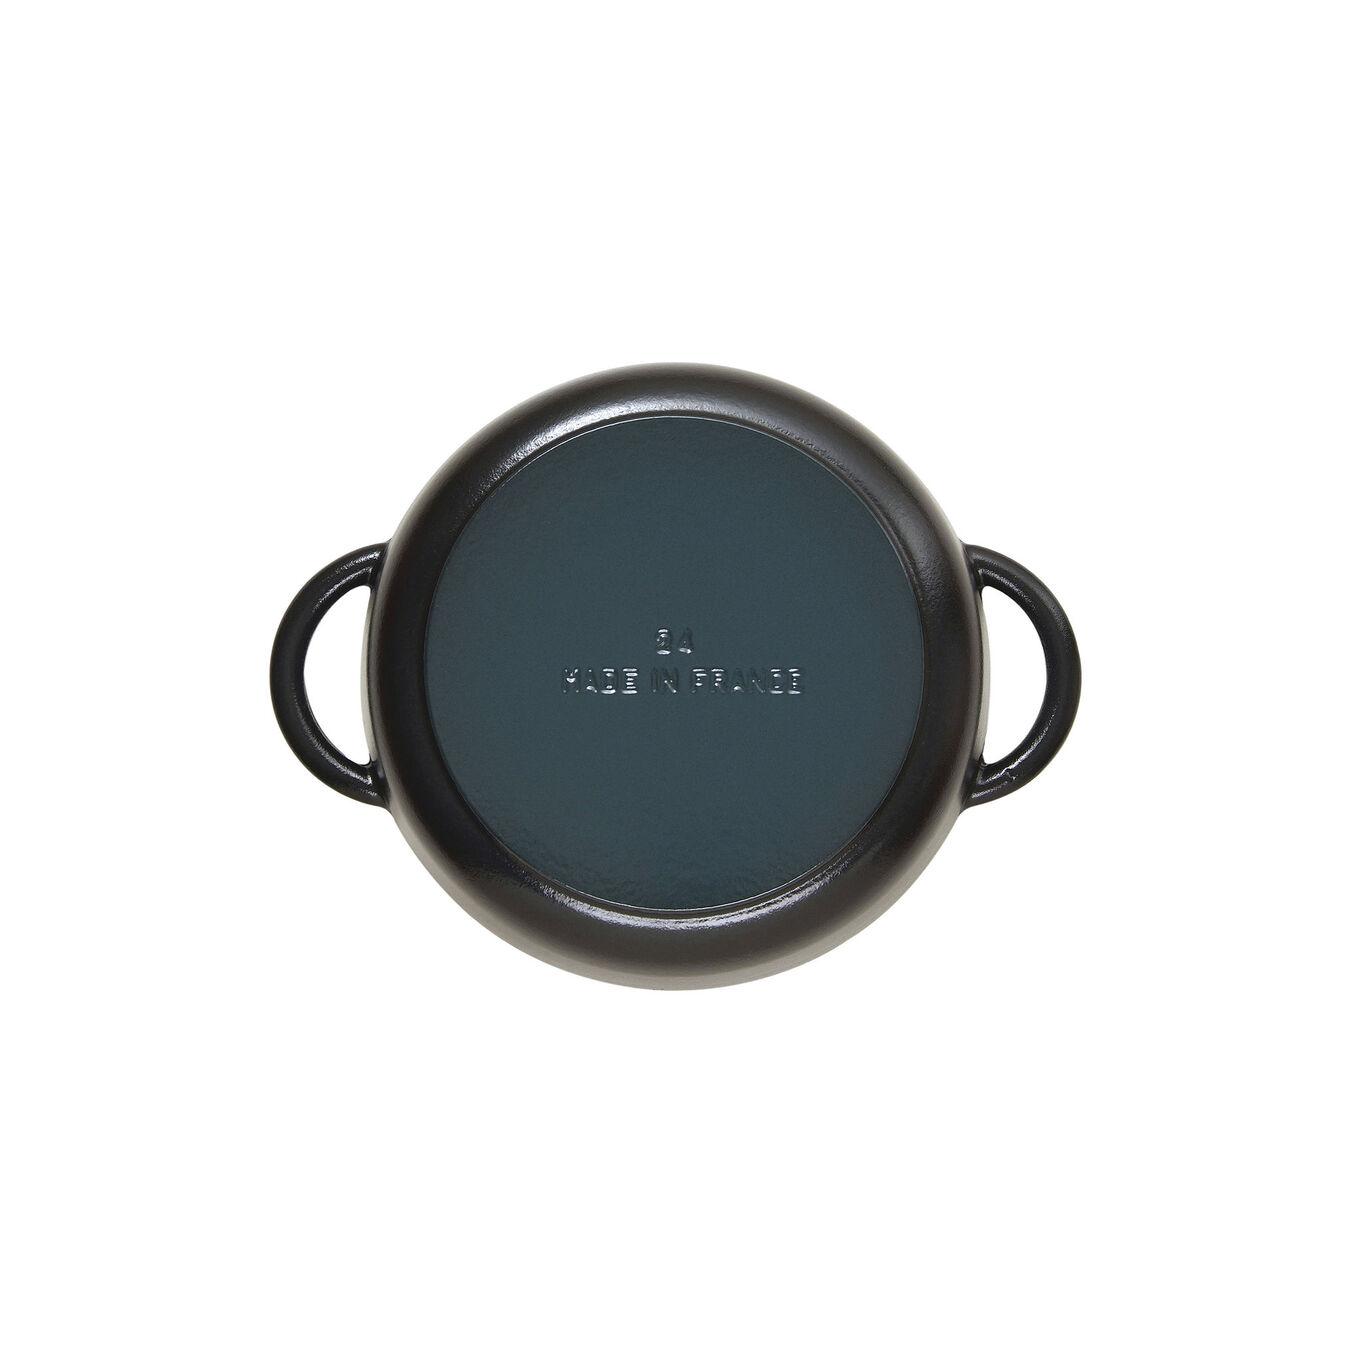 Sauteuse avec couvercle en verre 28 cm,,large 5